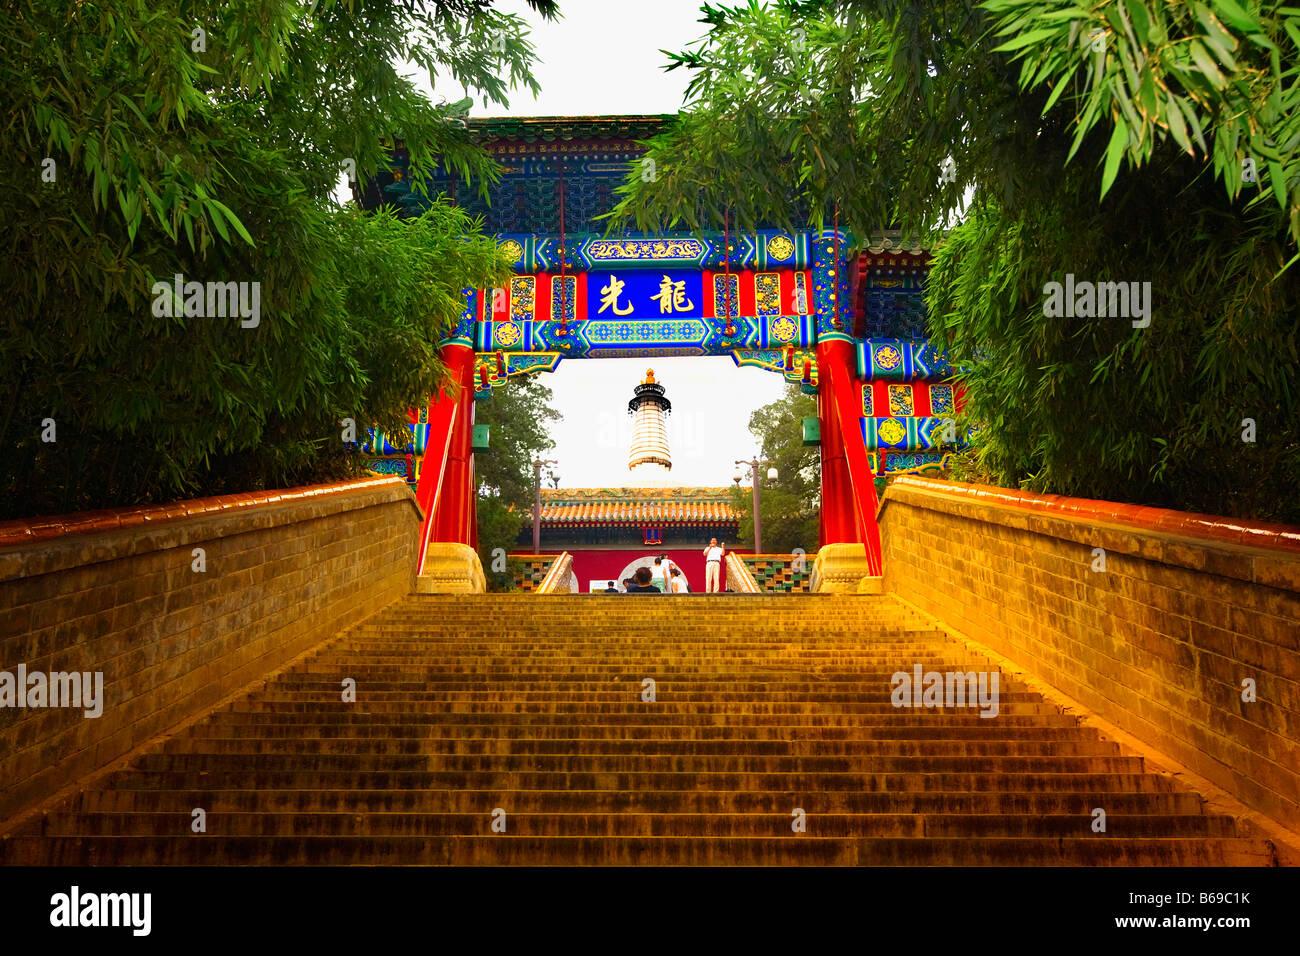 Ángulo de visión baja de una puerta, el parque Beihai, Beijing, China Imagen De Stock